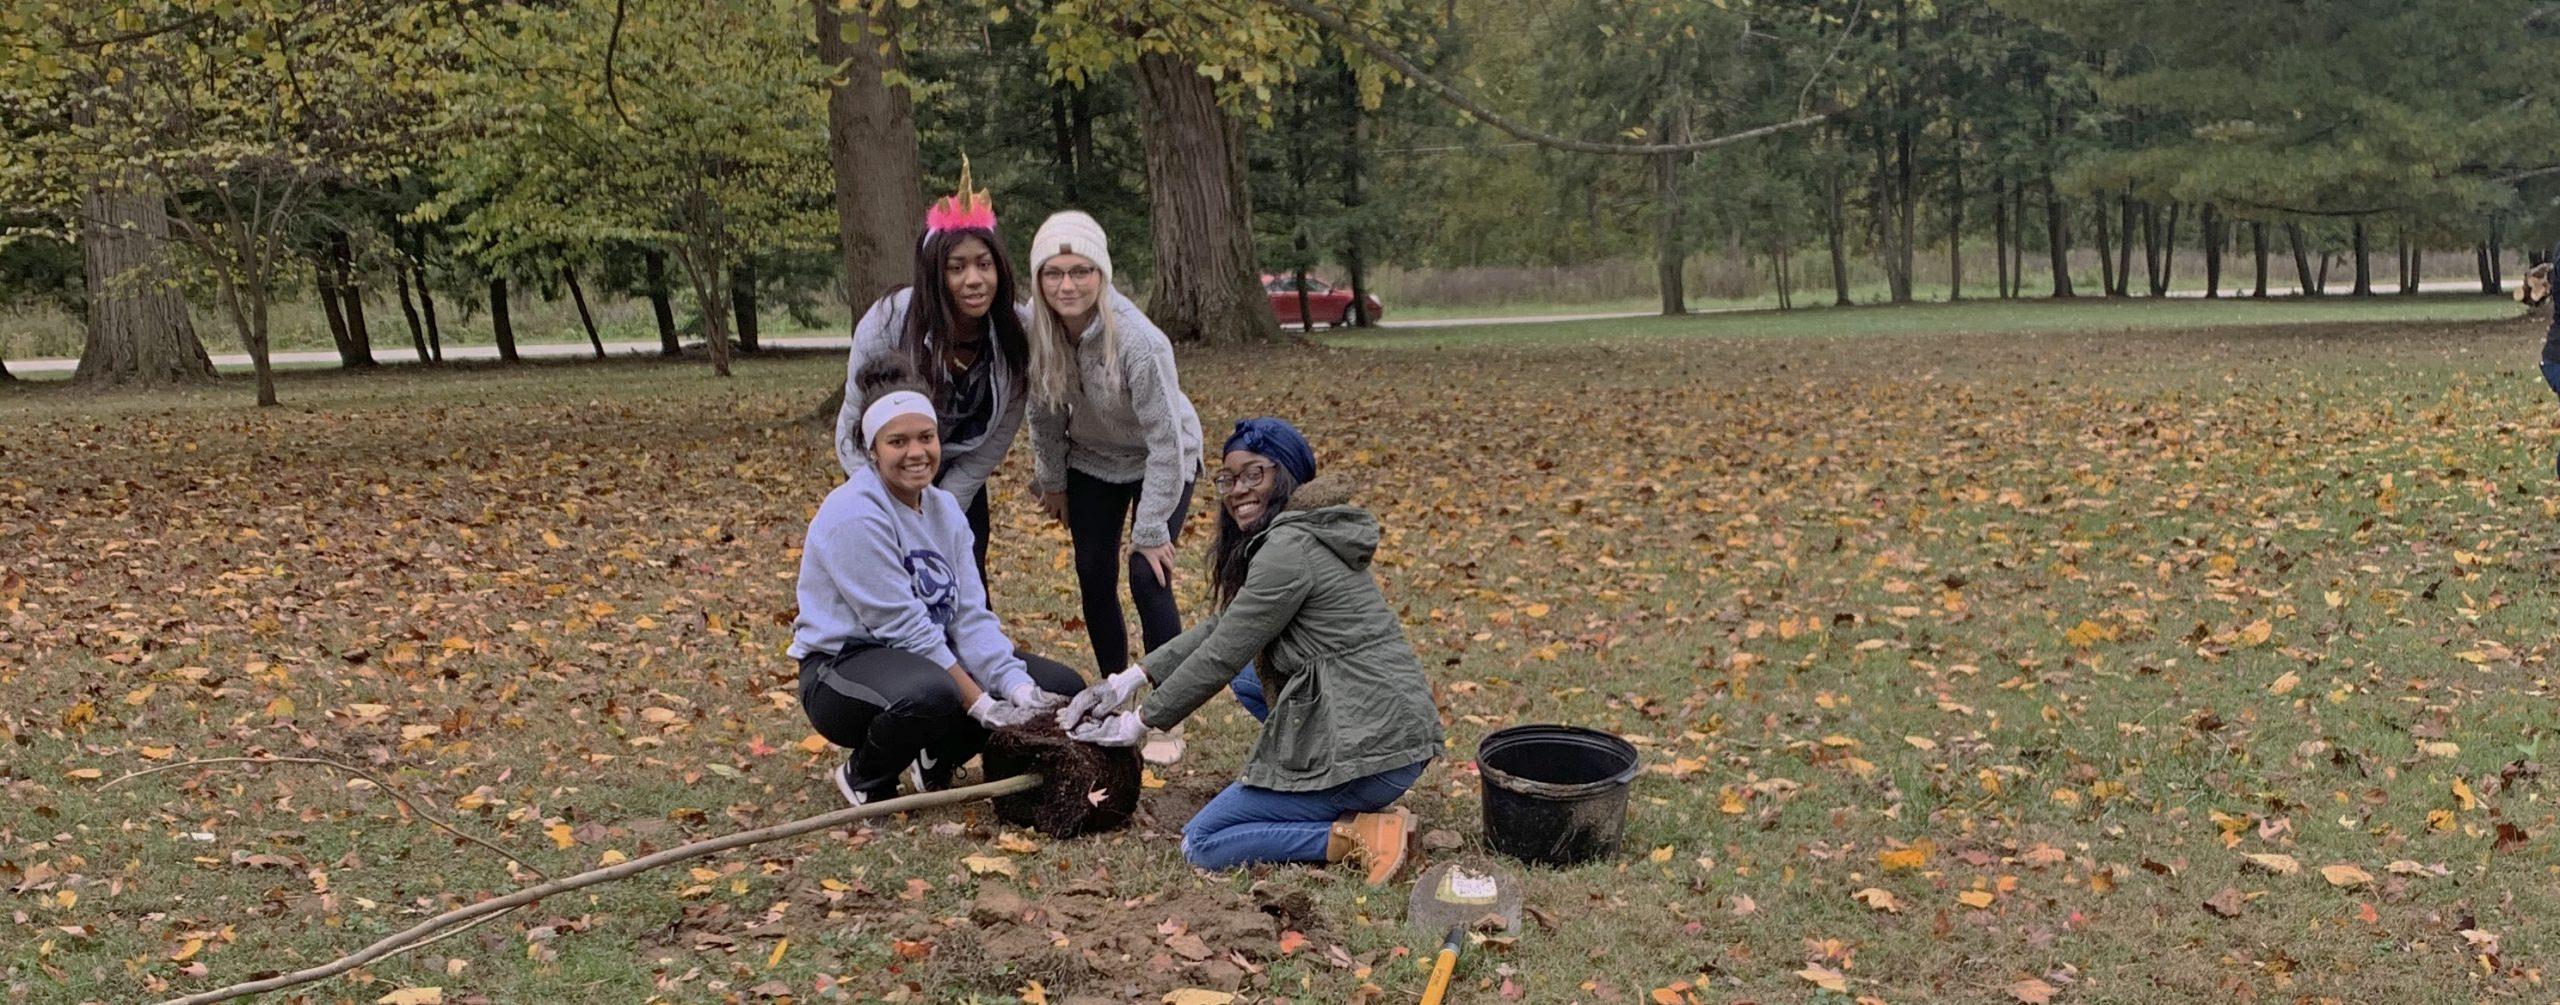 Volunteers planting a tree.